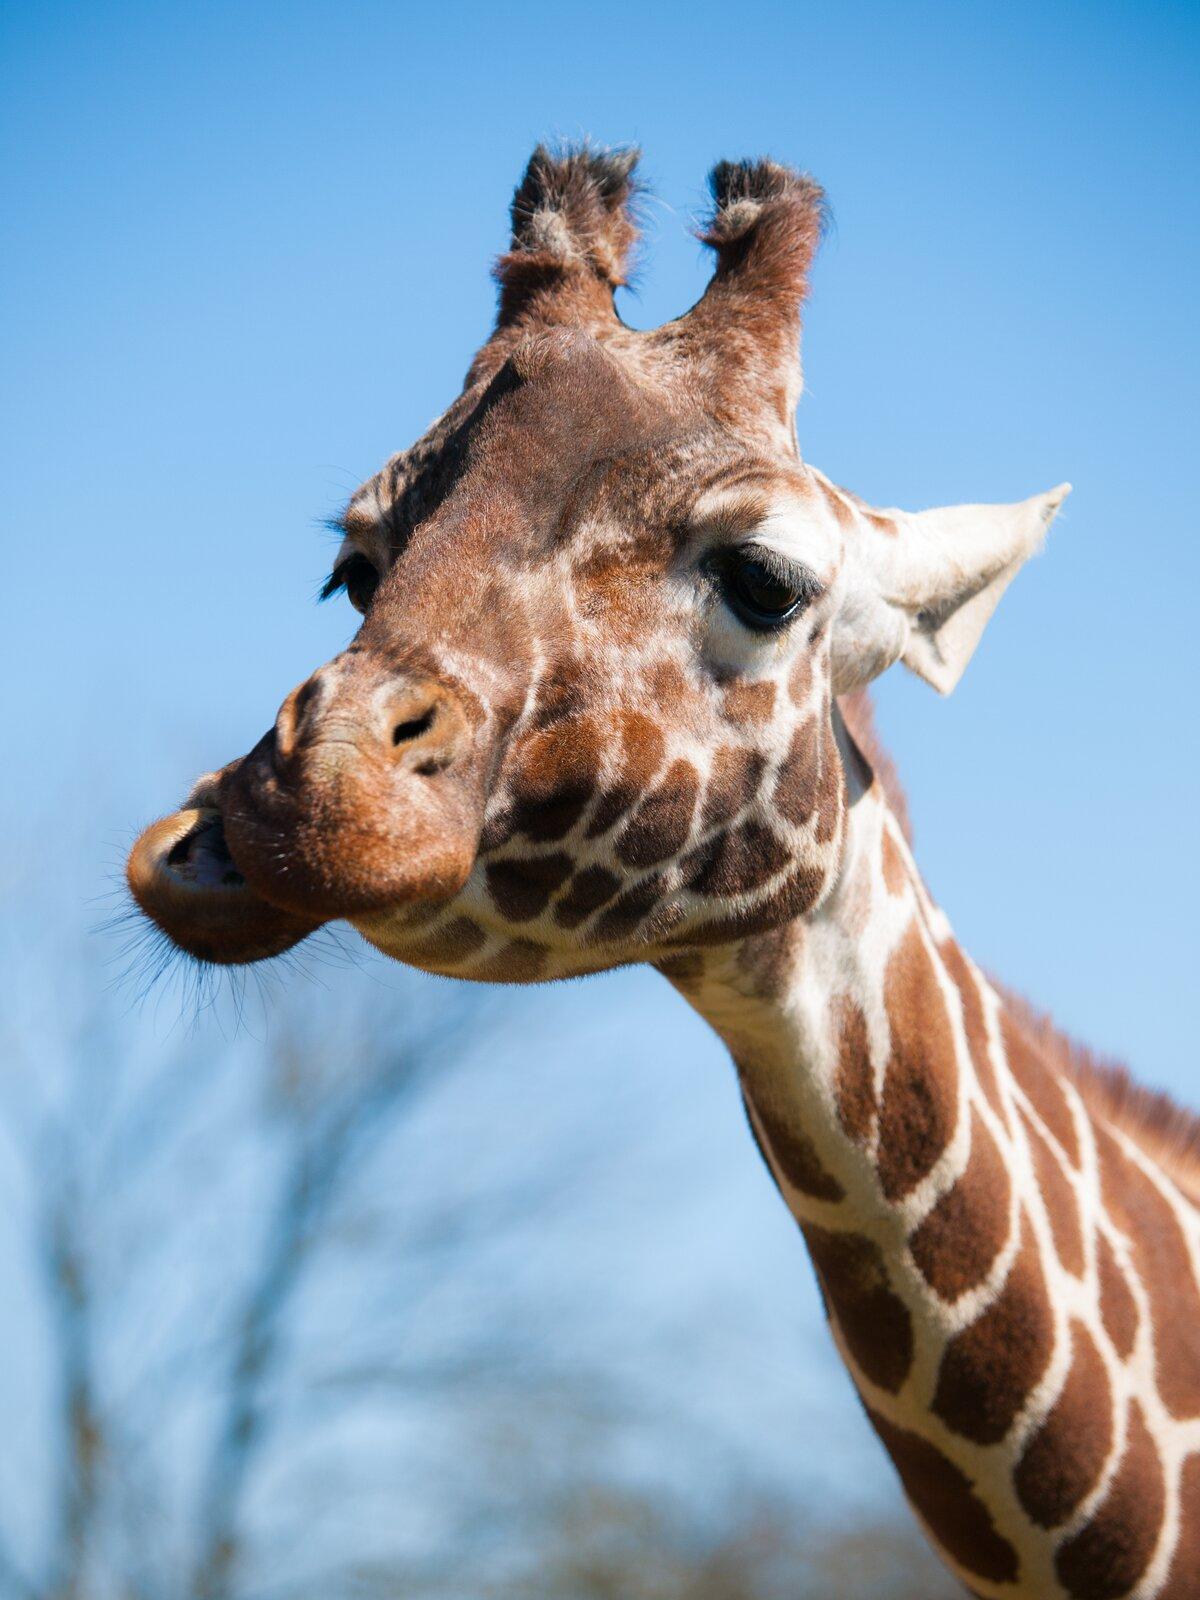 Fotografia przedstawia zbliżenie głowy żyrafy. Jest łaciata, brązowo – biała. Do góry sterczą okryte sierścią rożki. Dolna szczęka żyrafy jest mocno przesunięta względem górnej. Żyrafa przeżuwa zjedzony pokarm roślinny tak jak krowa.